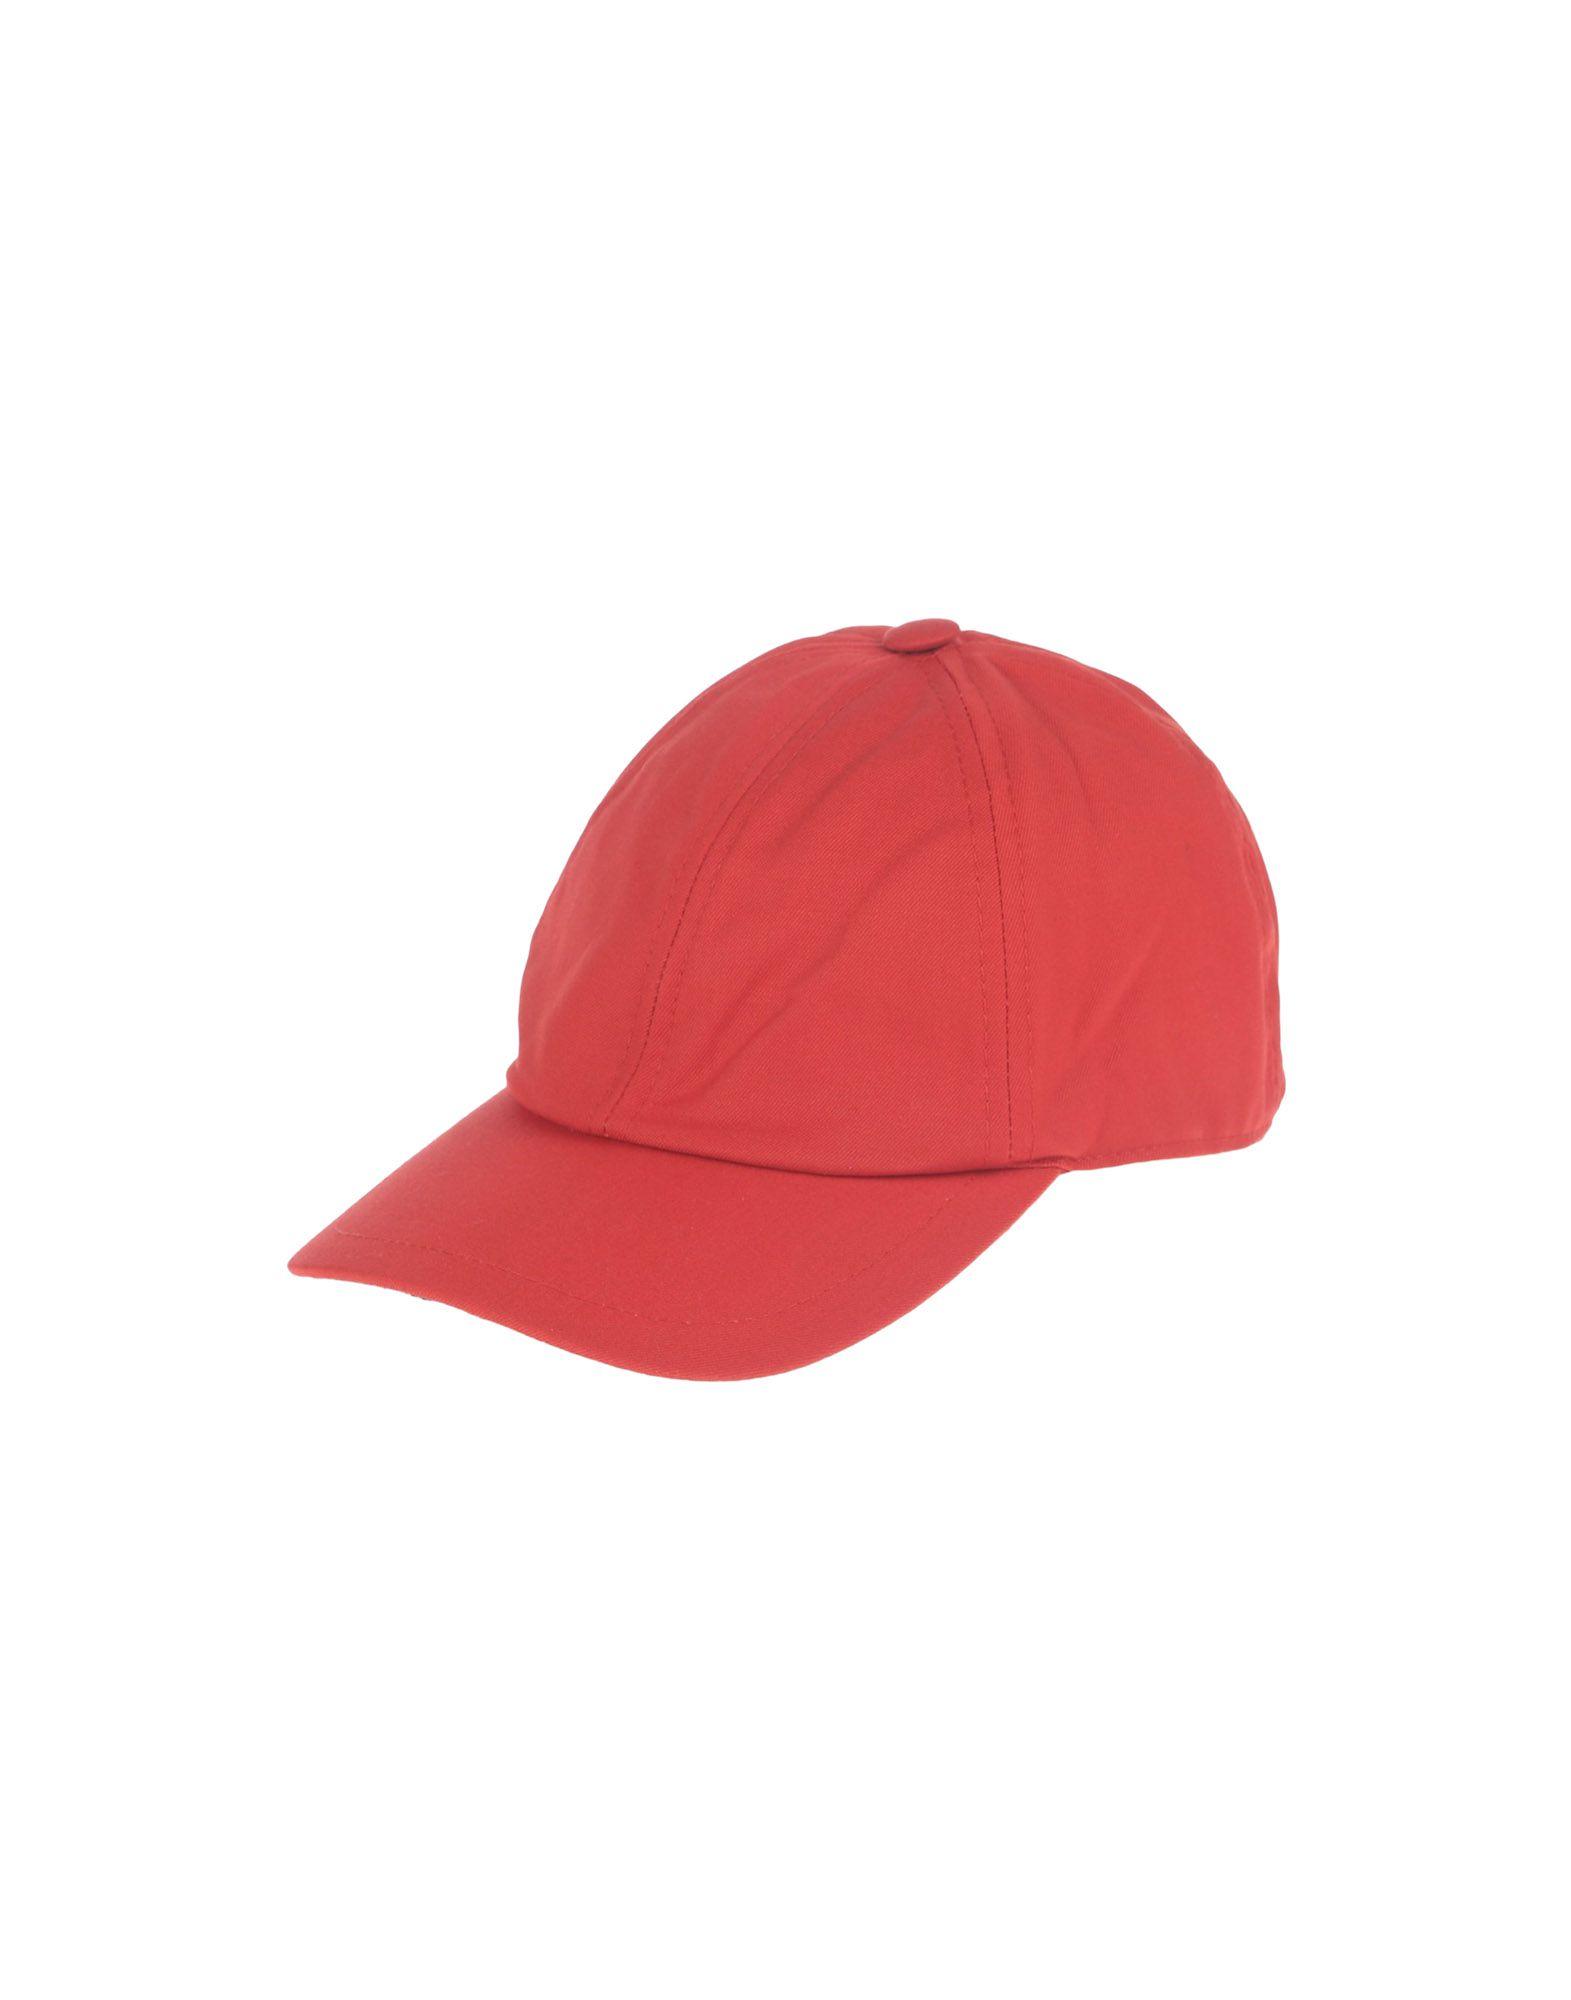 《送料無料》PIERO GUIDI メンズ 帽子 レッド one size コットン 100%